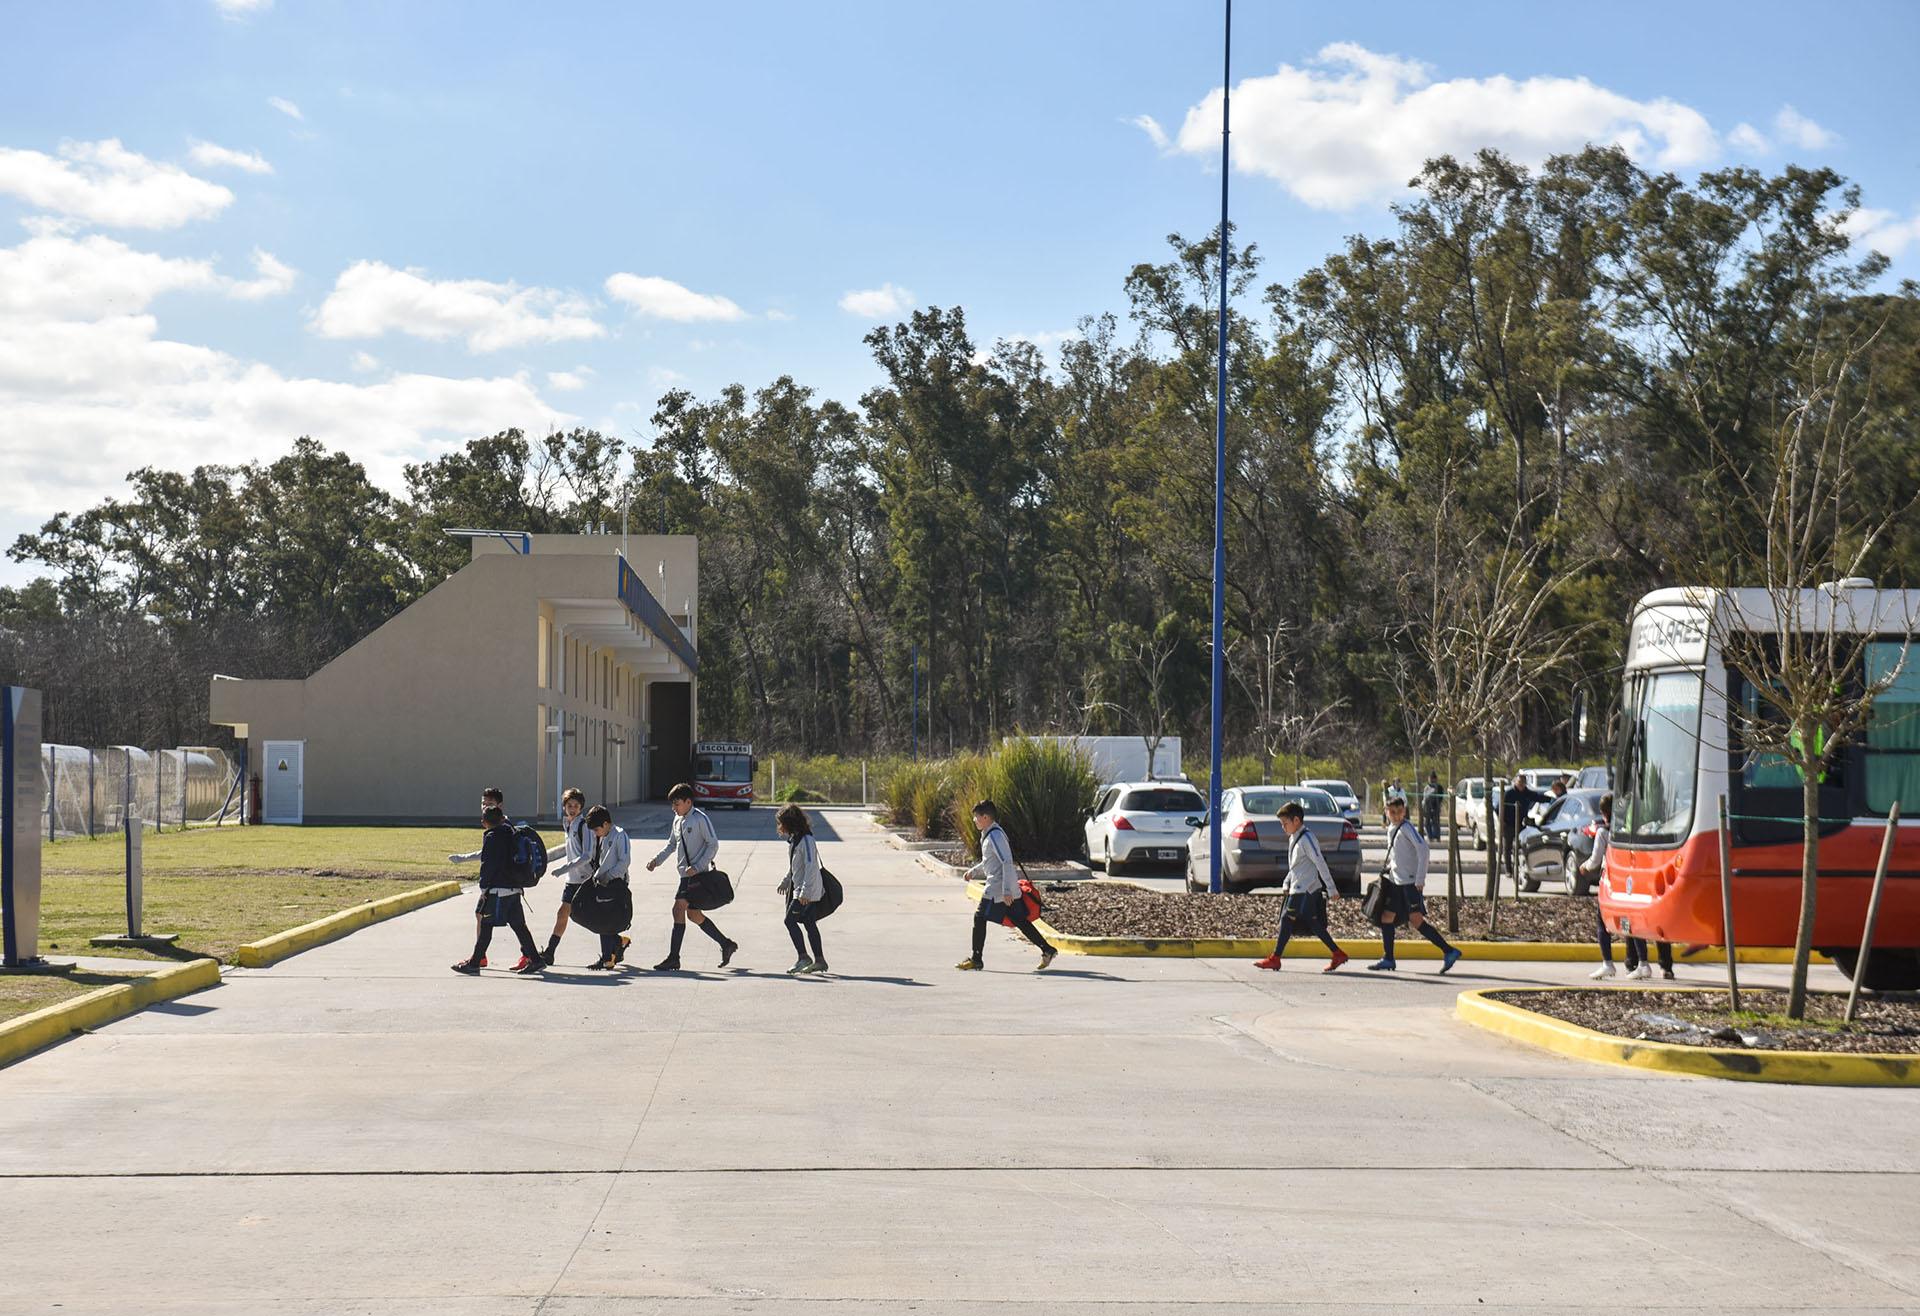 Los juveniles disponen de una línea de transporte que los deja en la puerta del predio y también con vehículos aportados por el club (Guille Llamos)